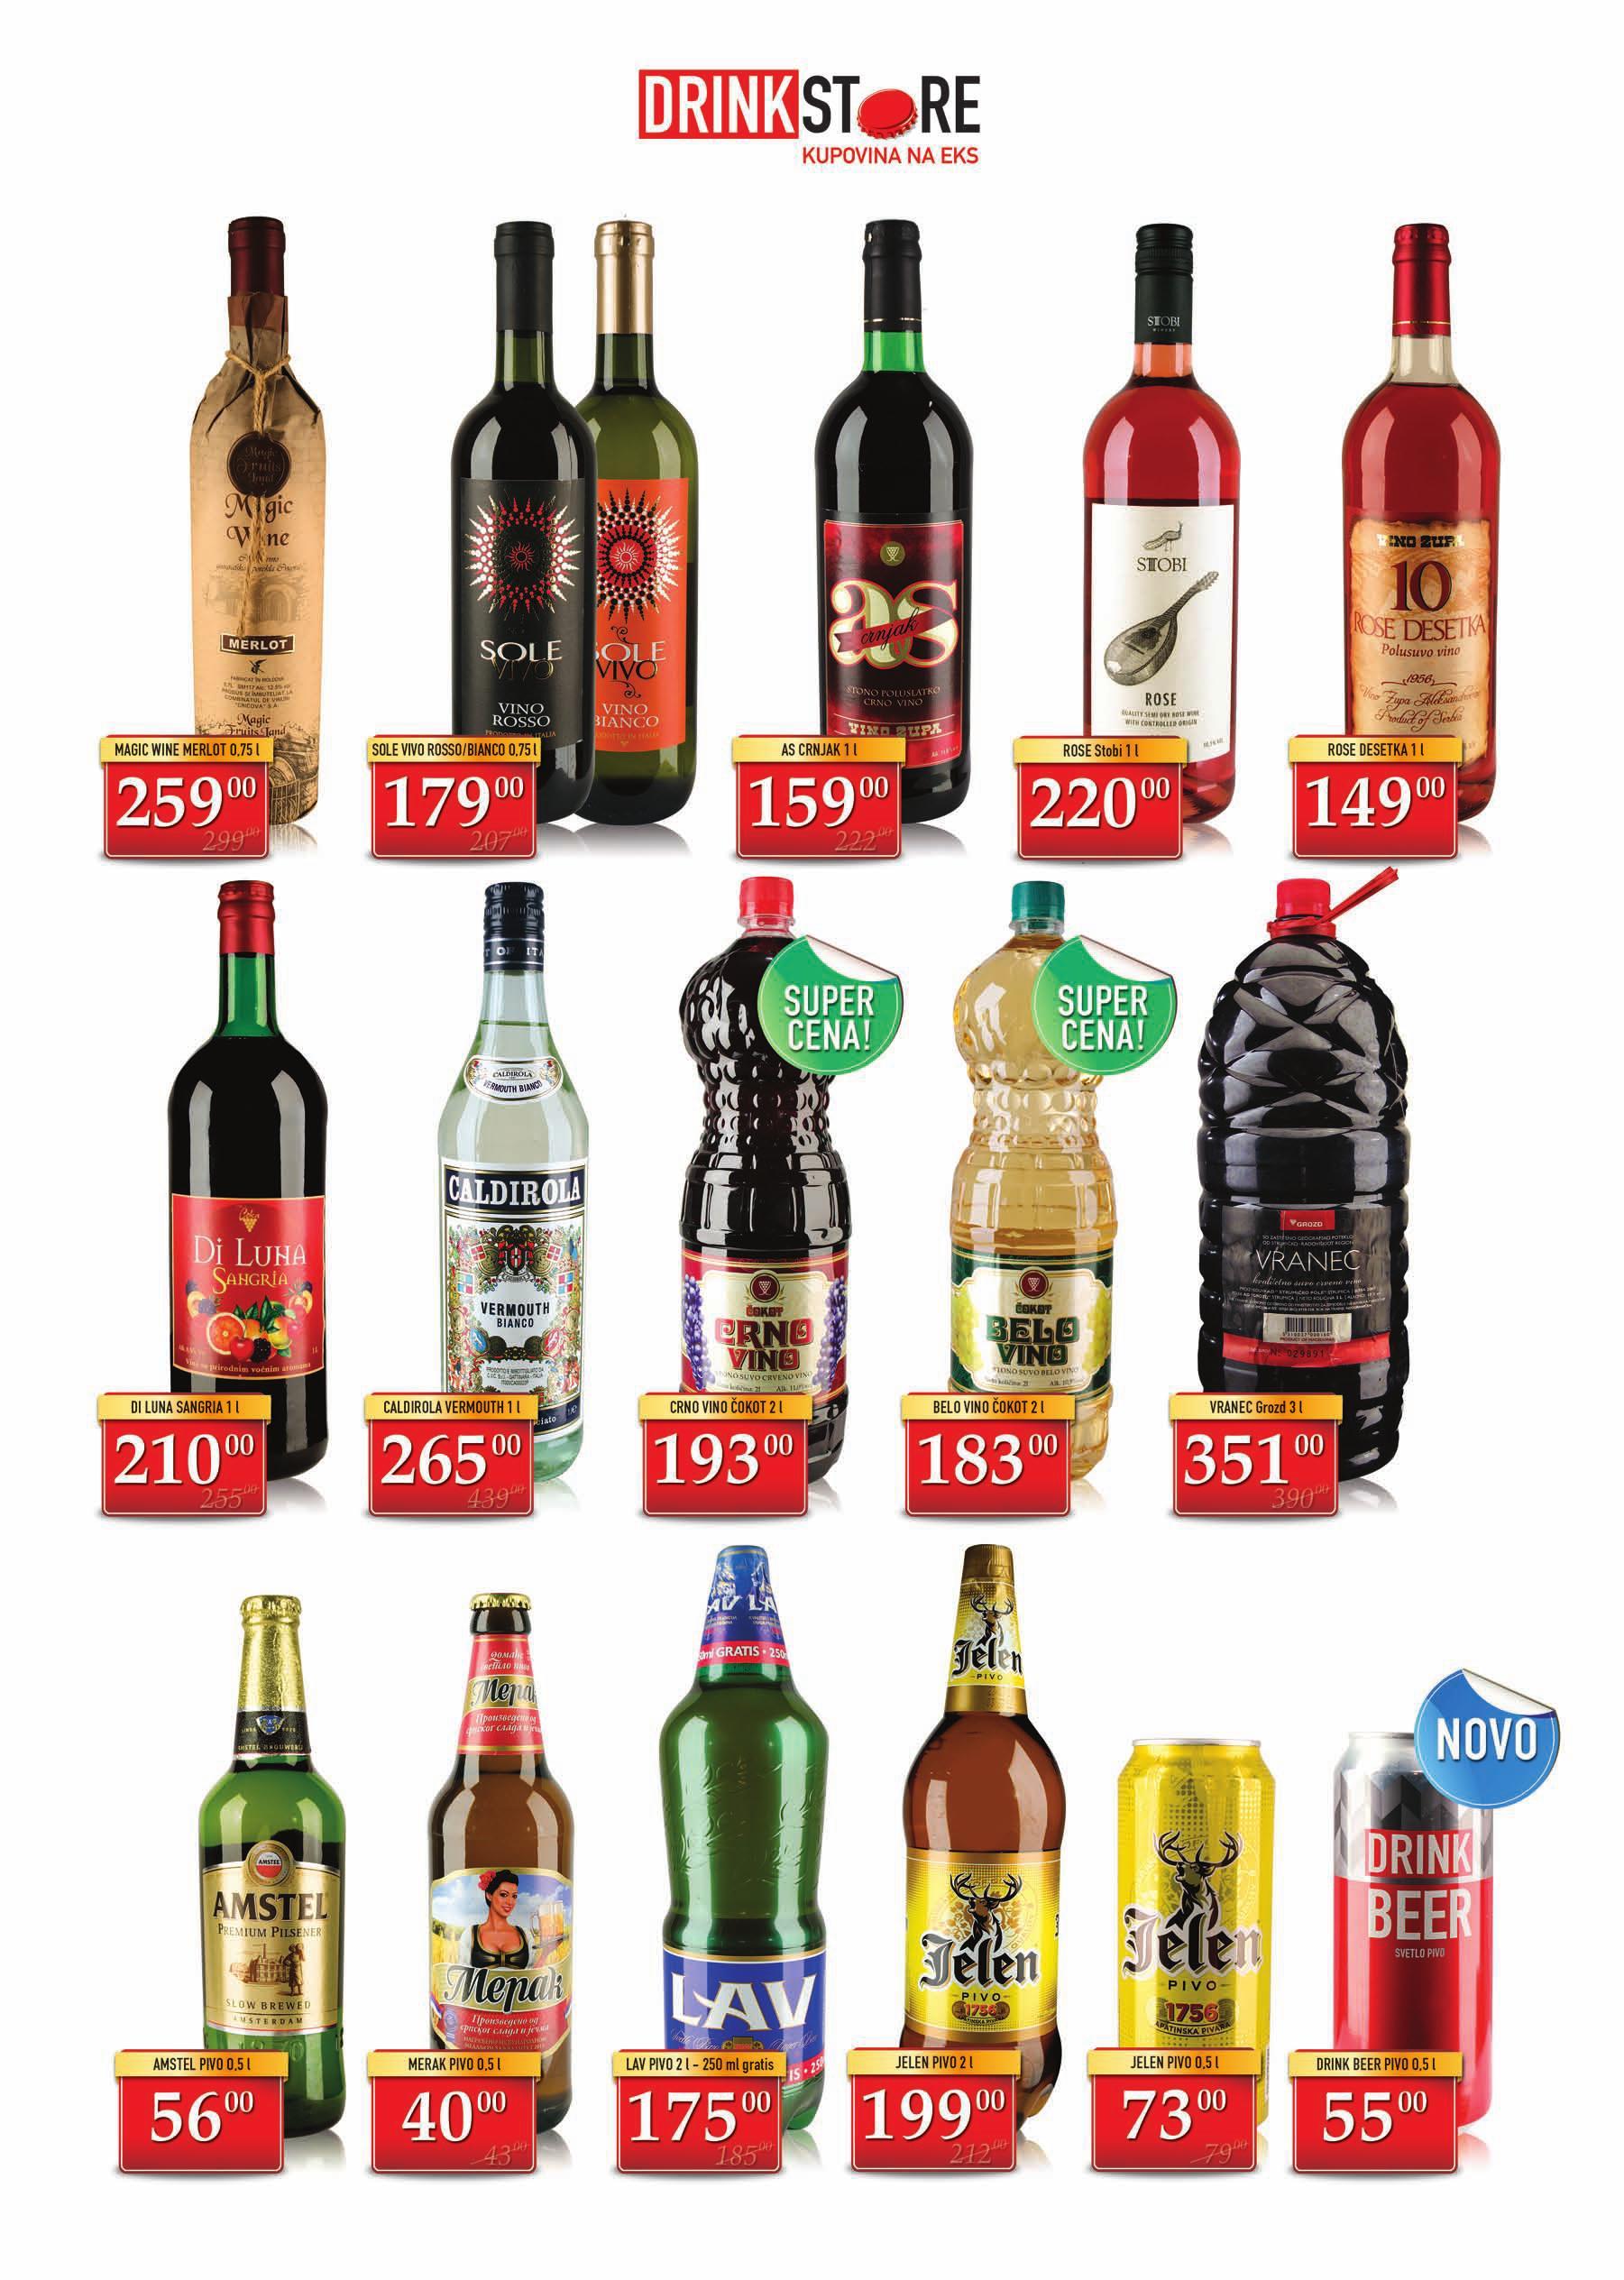 Drink Store katalog odličnih cena